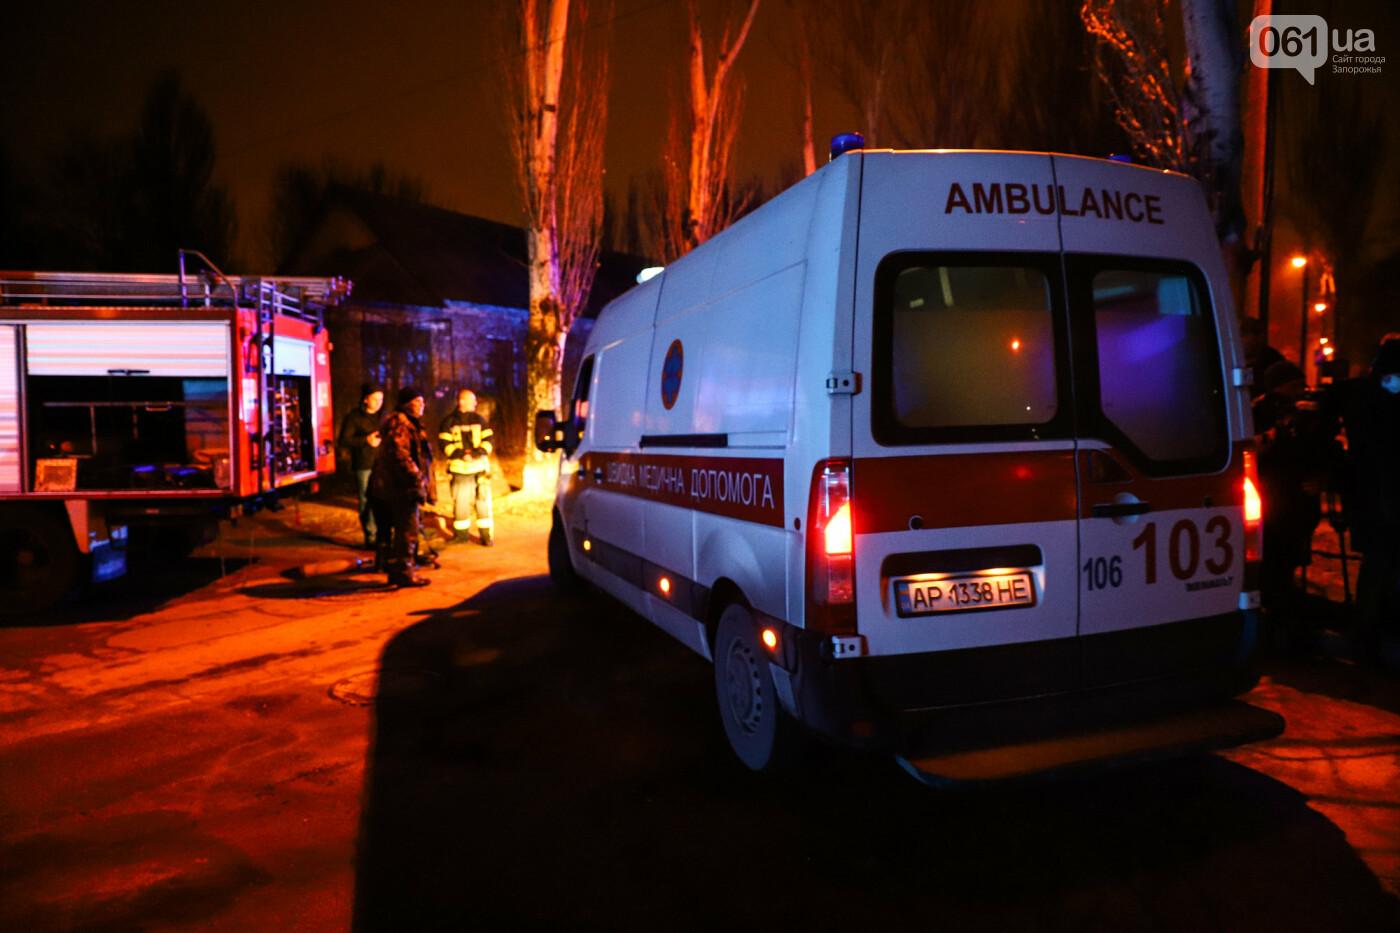 Пожар в Запорожской инфекционной больнице: все подробности происшествия, - ФОТОРЕПОРТАЖ , фото-6